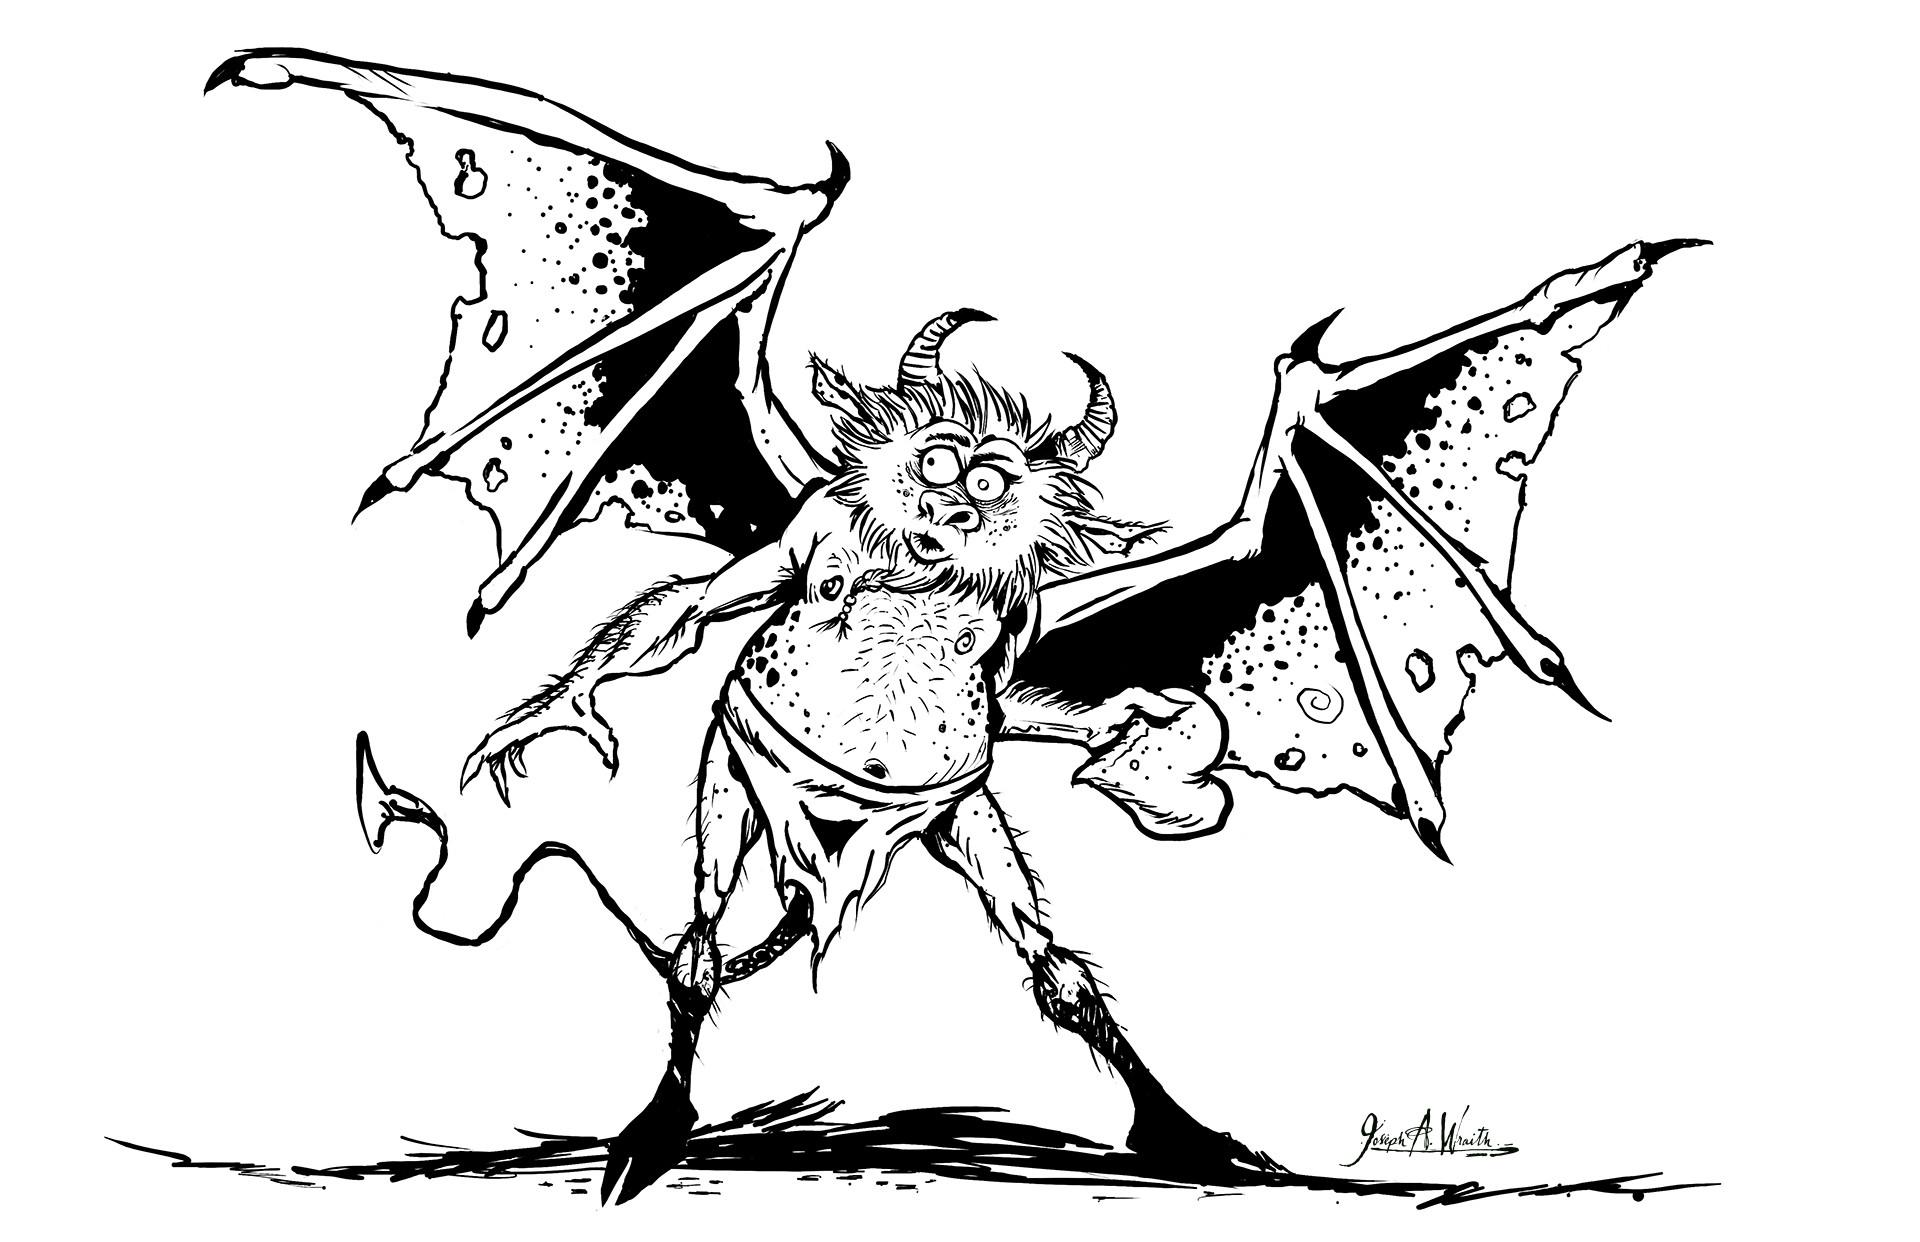 Joseph wraith demonheart 1920